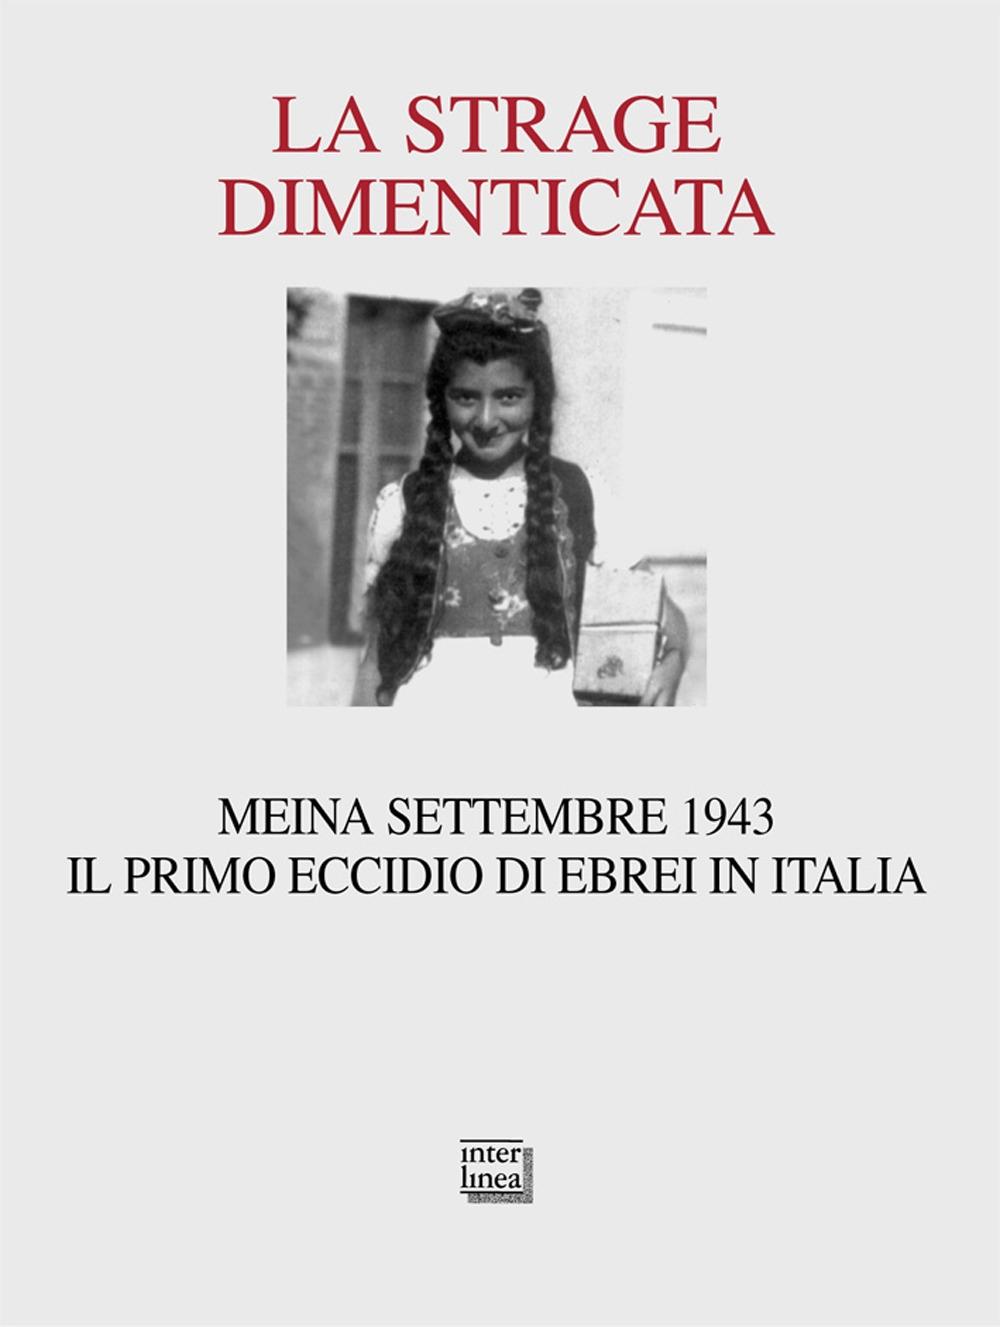 La strage dimenticata. Meina settembre 1943. Il primo eccidio di ebrei in Italia. Con la testimonianza della superstite Becky Behar.